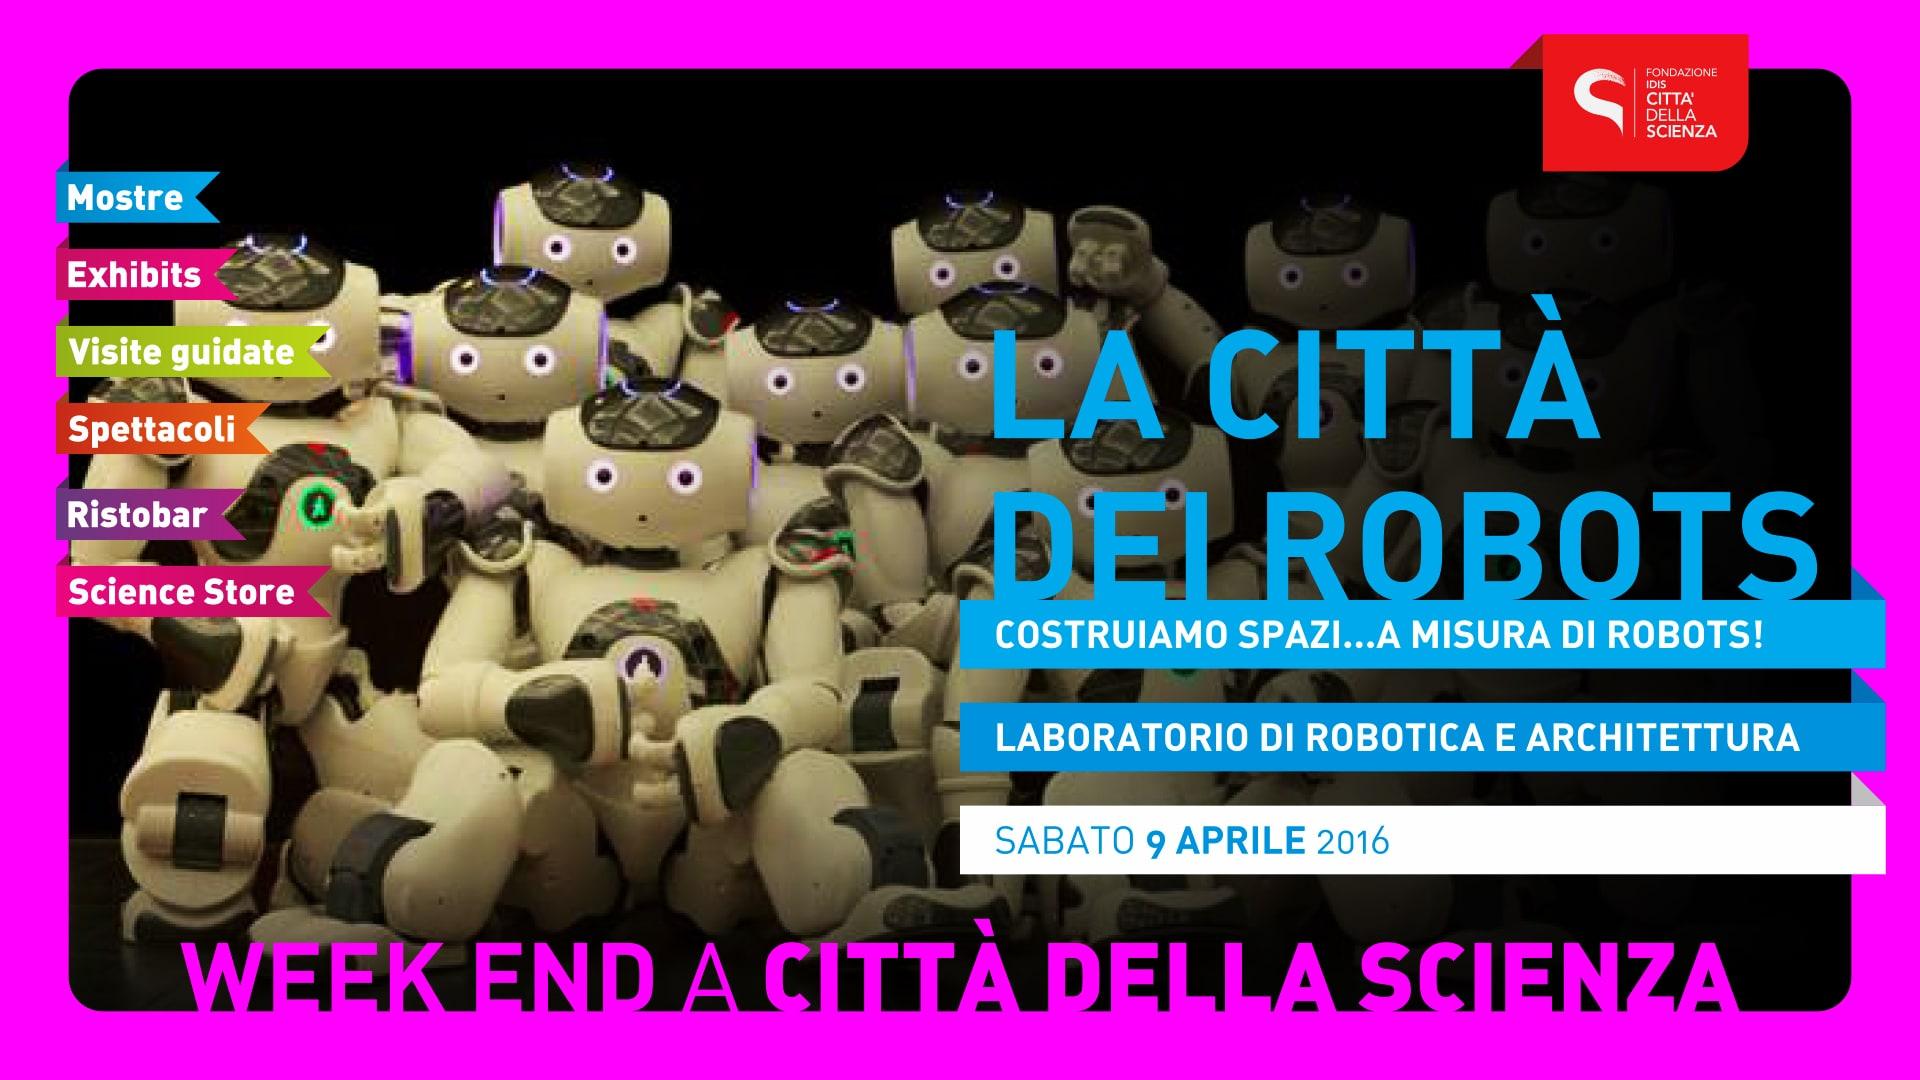 CORRETTO_CITTA_ROBOTS_1920_x_1080_sabato 9 aprile-min